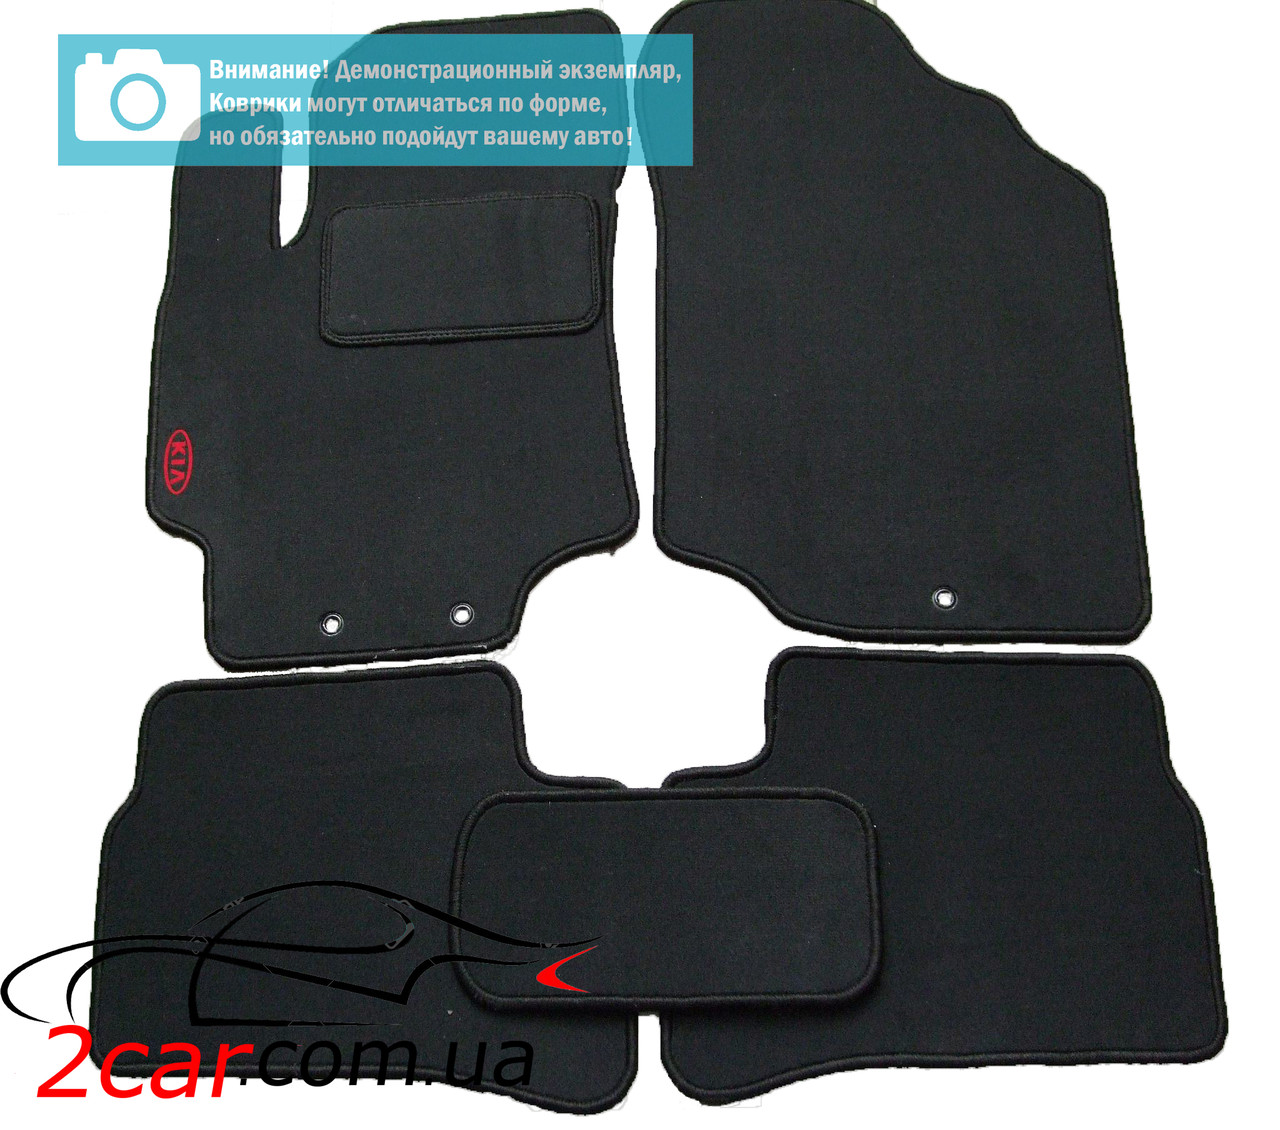 Текстильные коврики в салон для Mazda 626 (GE) (1991-1997) (чёрный) (S